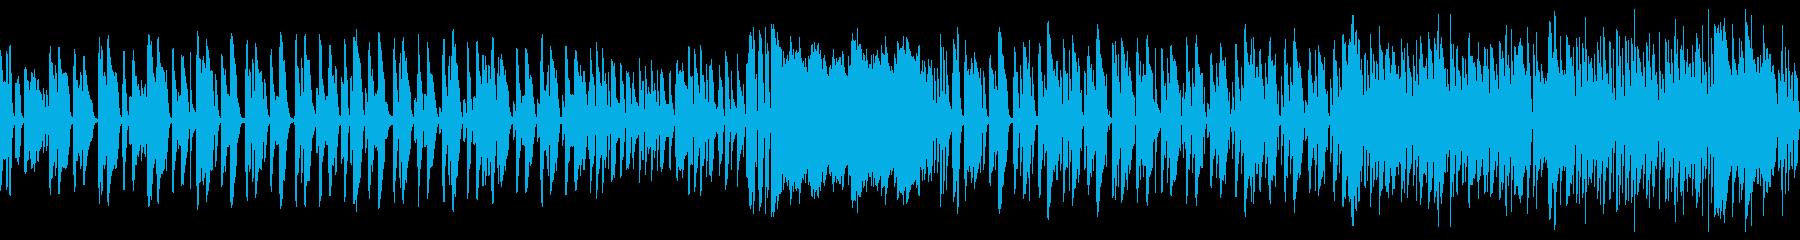 ピアノメインの可愛い雰囲気の曲の再生済みの波形